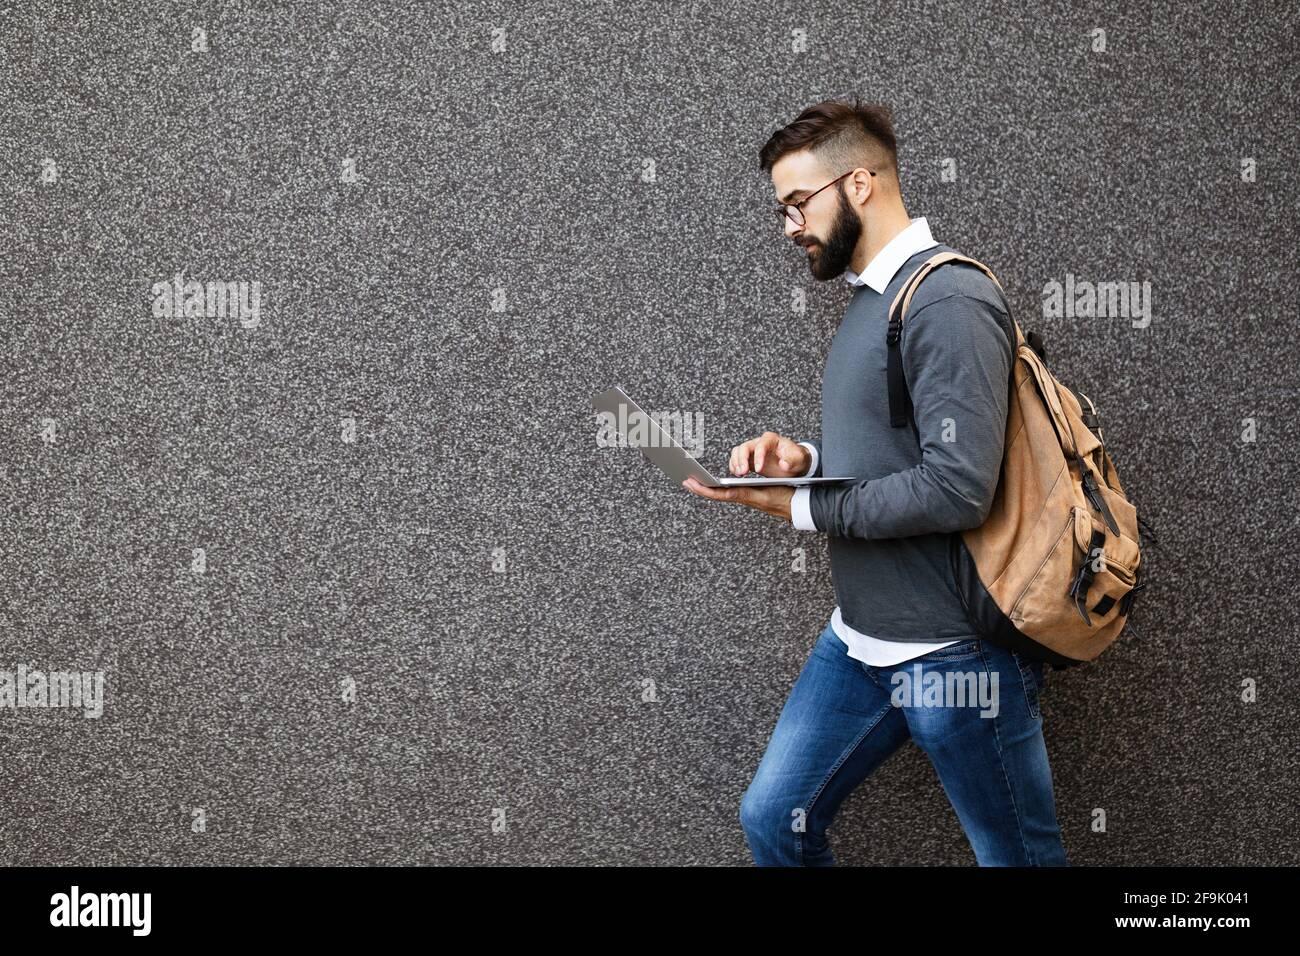 Uomo d'affari a piedi in strada tenendo il suo portatile, lavorando all'aperto Foto Stock